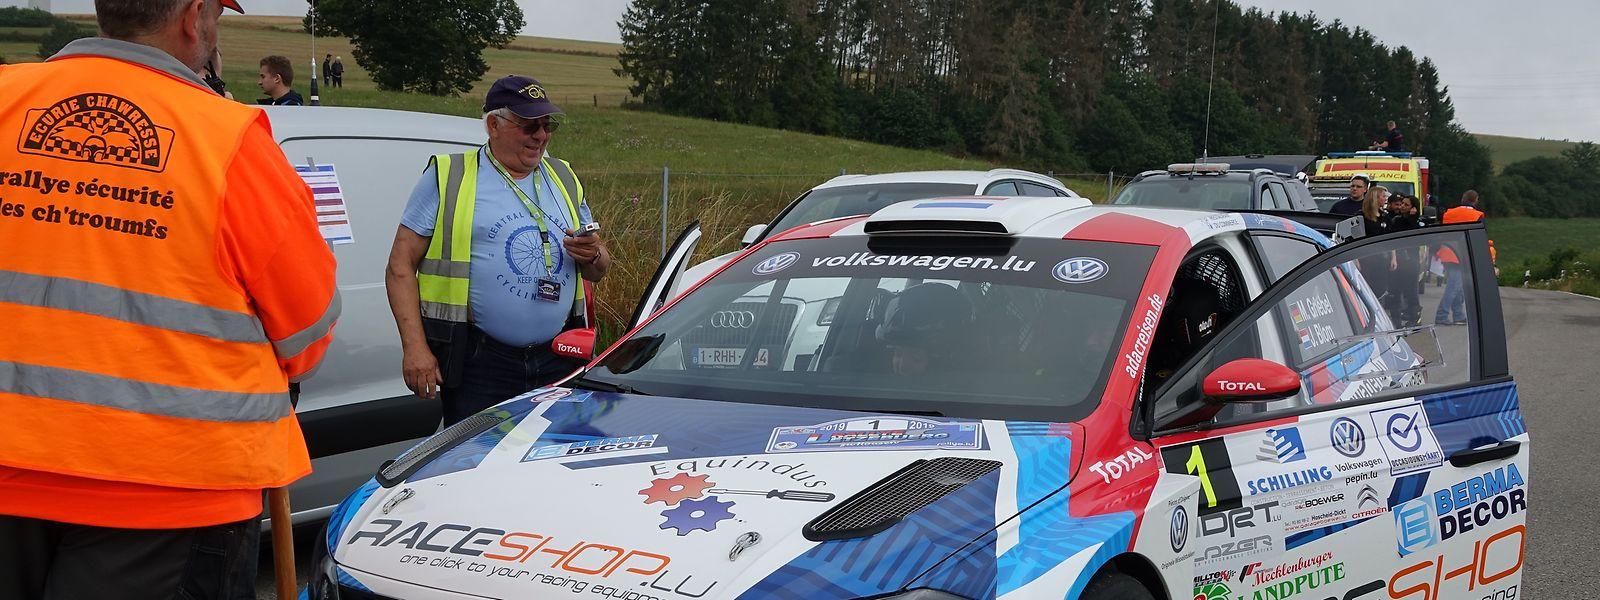 La VW Polo FTI R5 de Marijan Griebel et Johny Blom